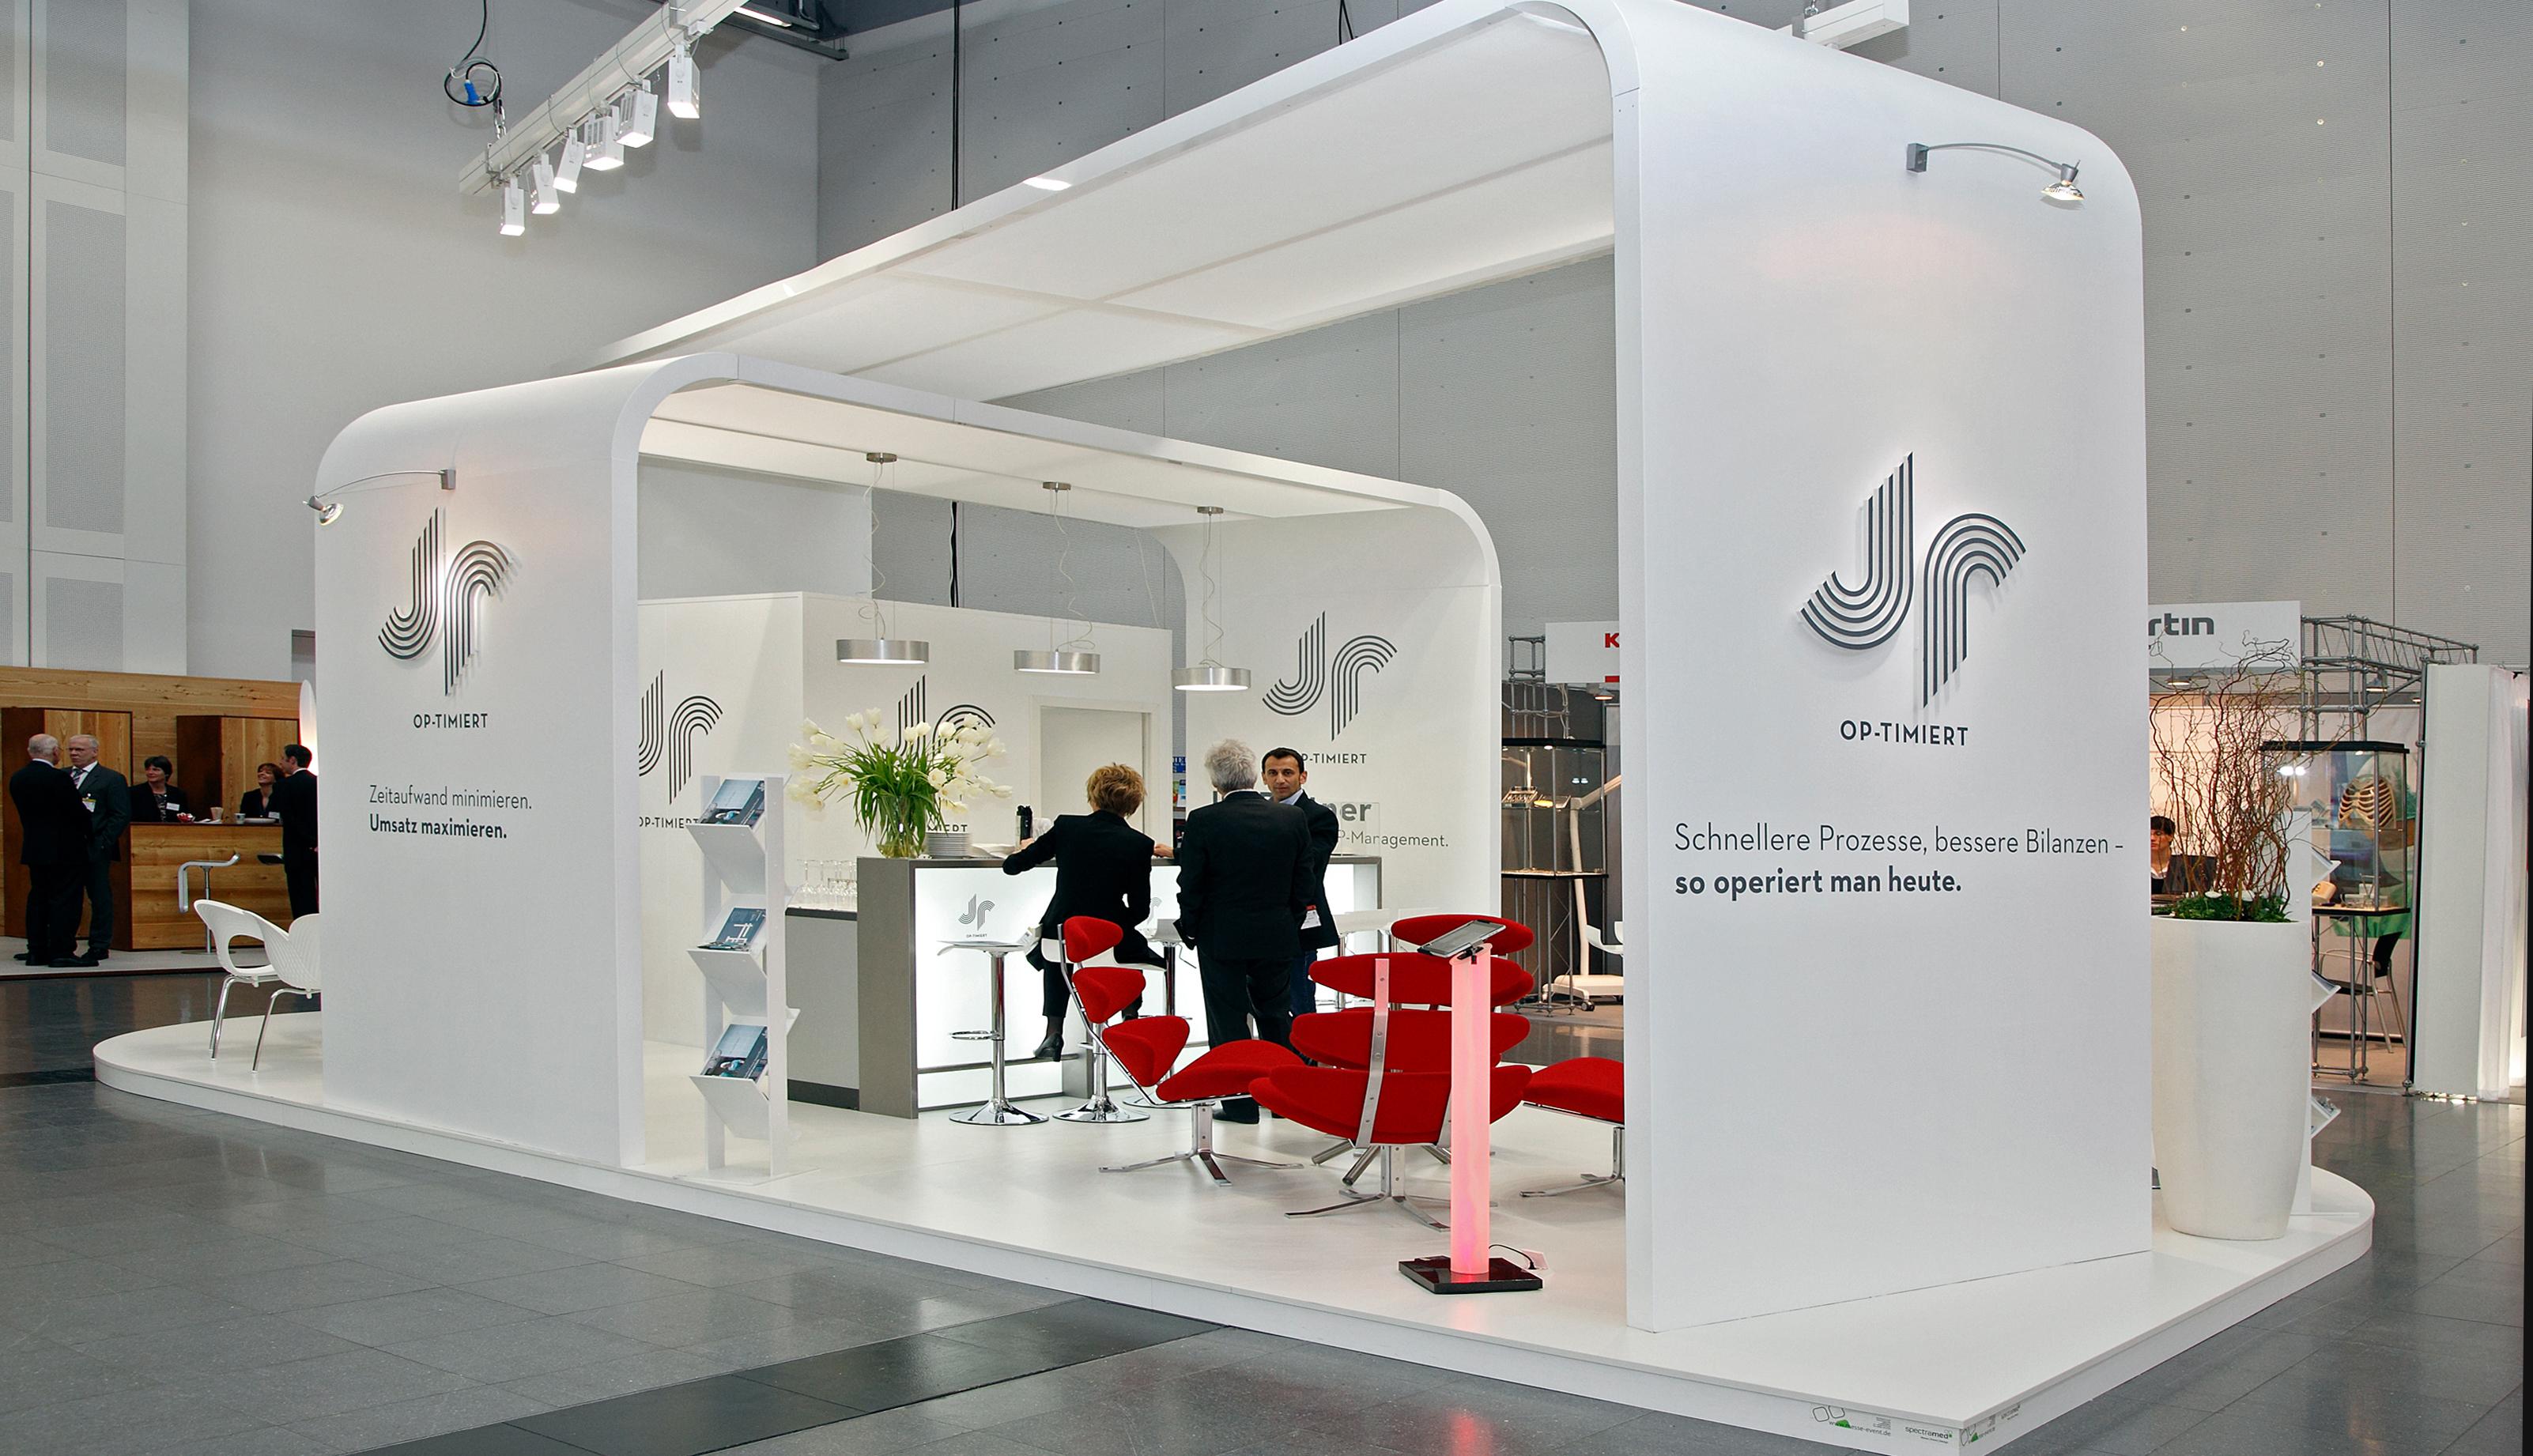 Stand Design For Exhibition : Inselstand herzmedizin freiburg